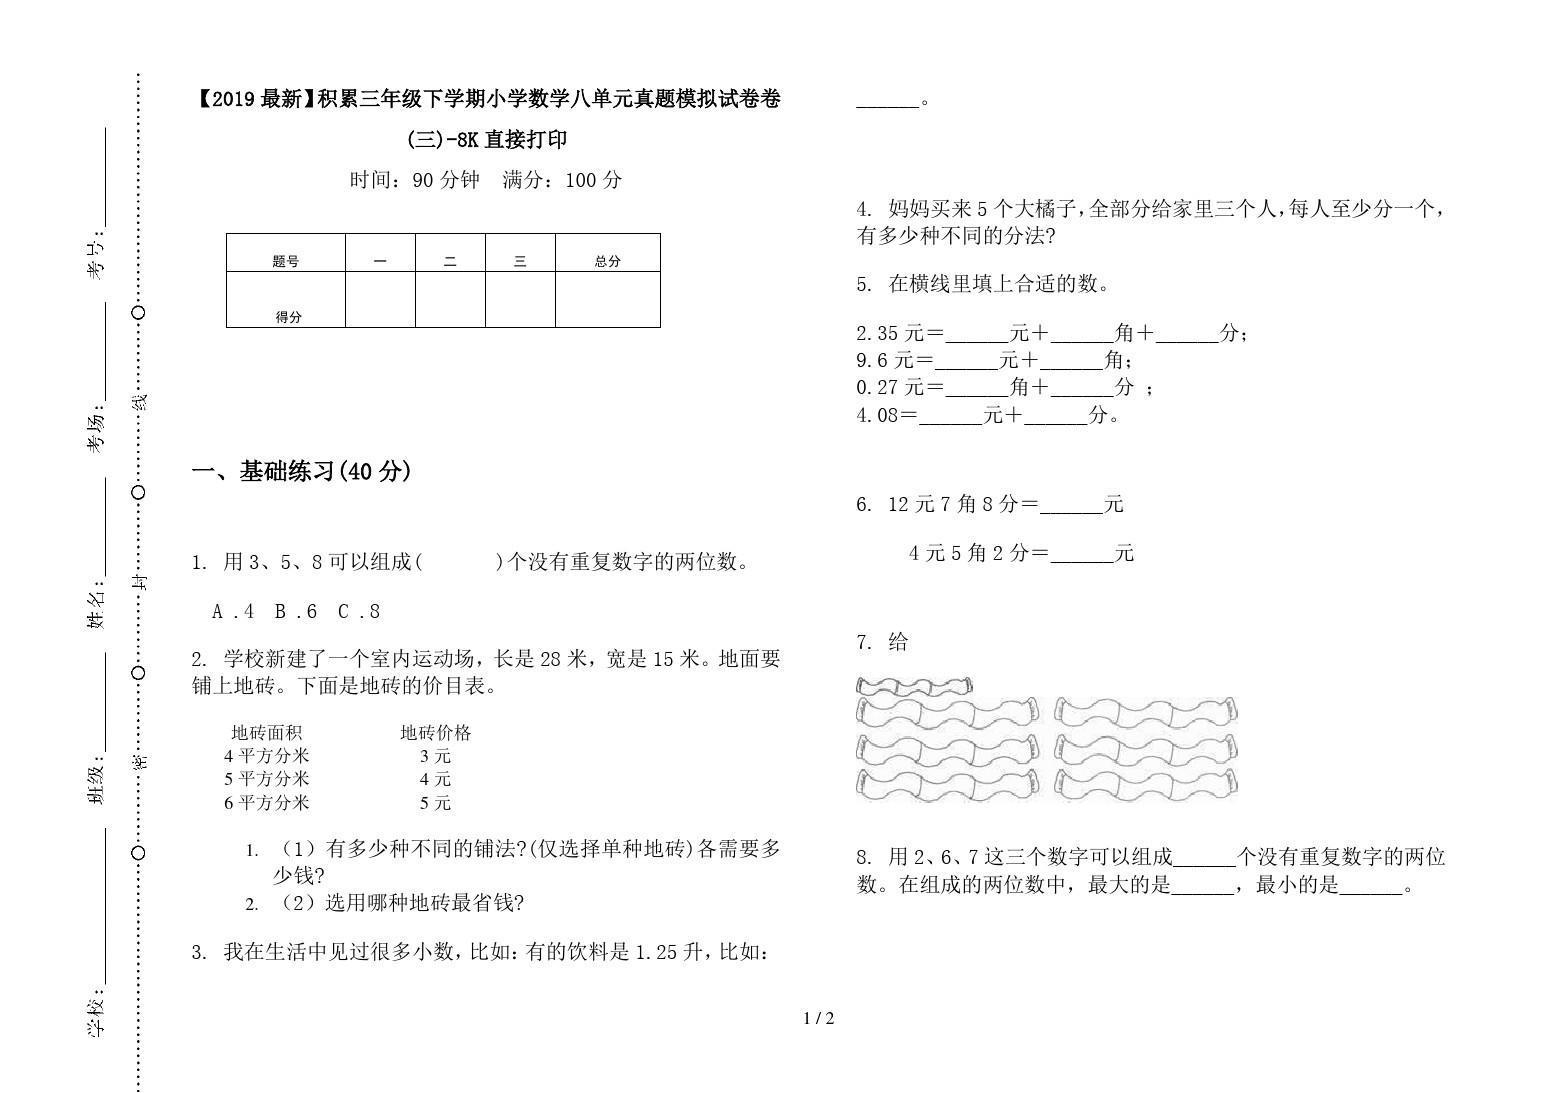 【2019最新】积累三年级下学期小学数学八单元真题模拟试卷卷(三)-8K直接打印答案